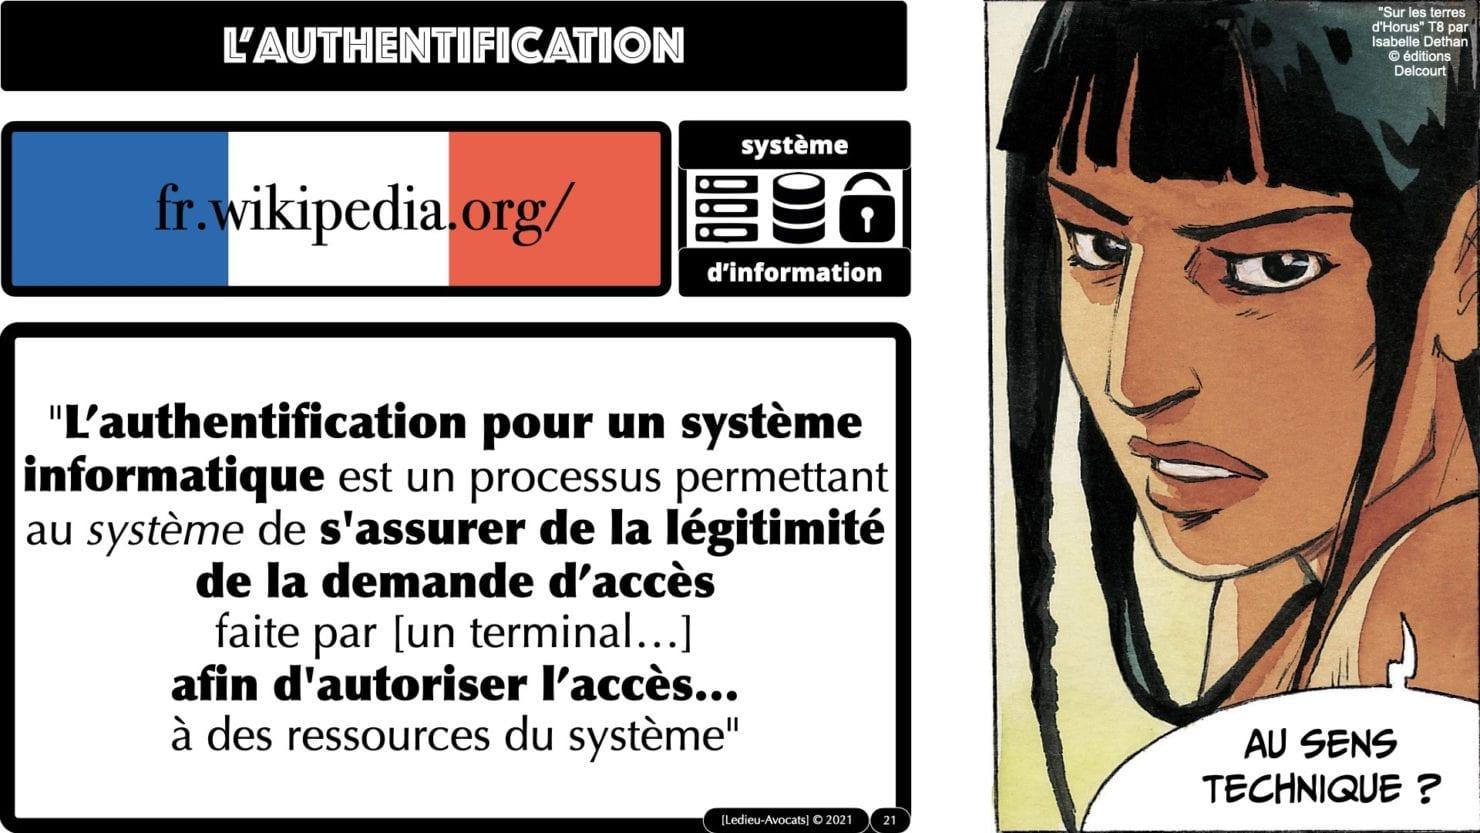 341 chiffrement cryptographie symetrique asymetrique hachage cryptographique TECHNIQUE JURIDIQUE © Ledieu-Avocat 05-07-2021.021